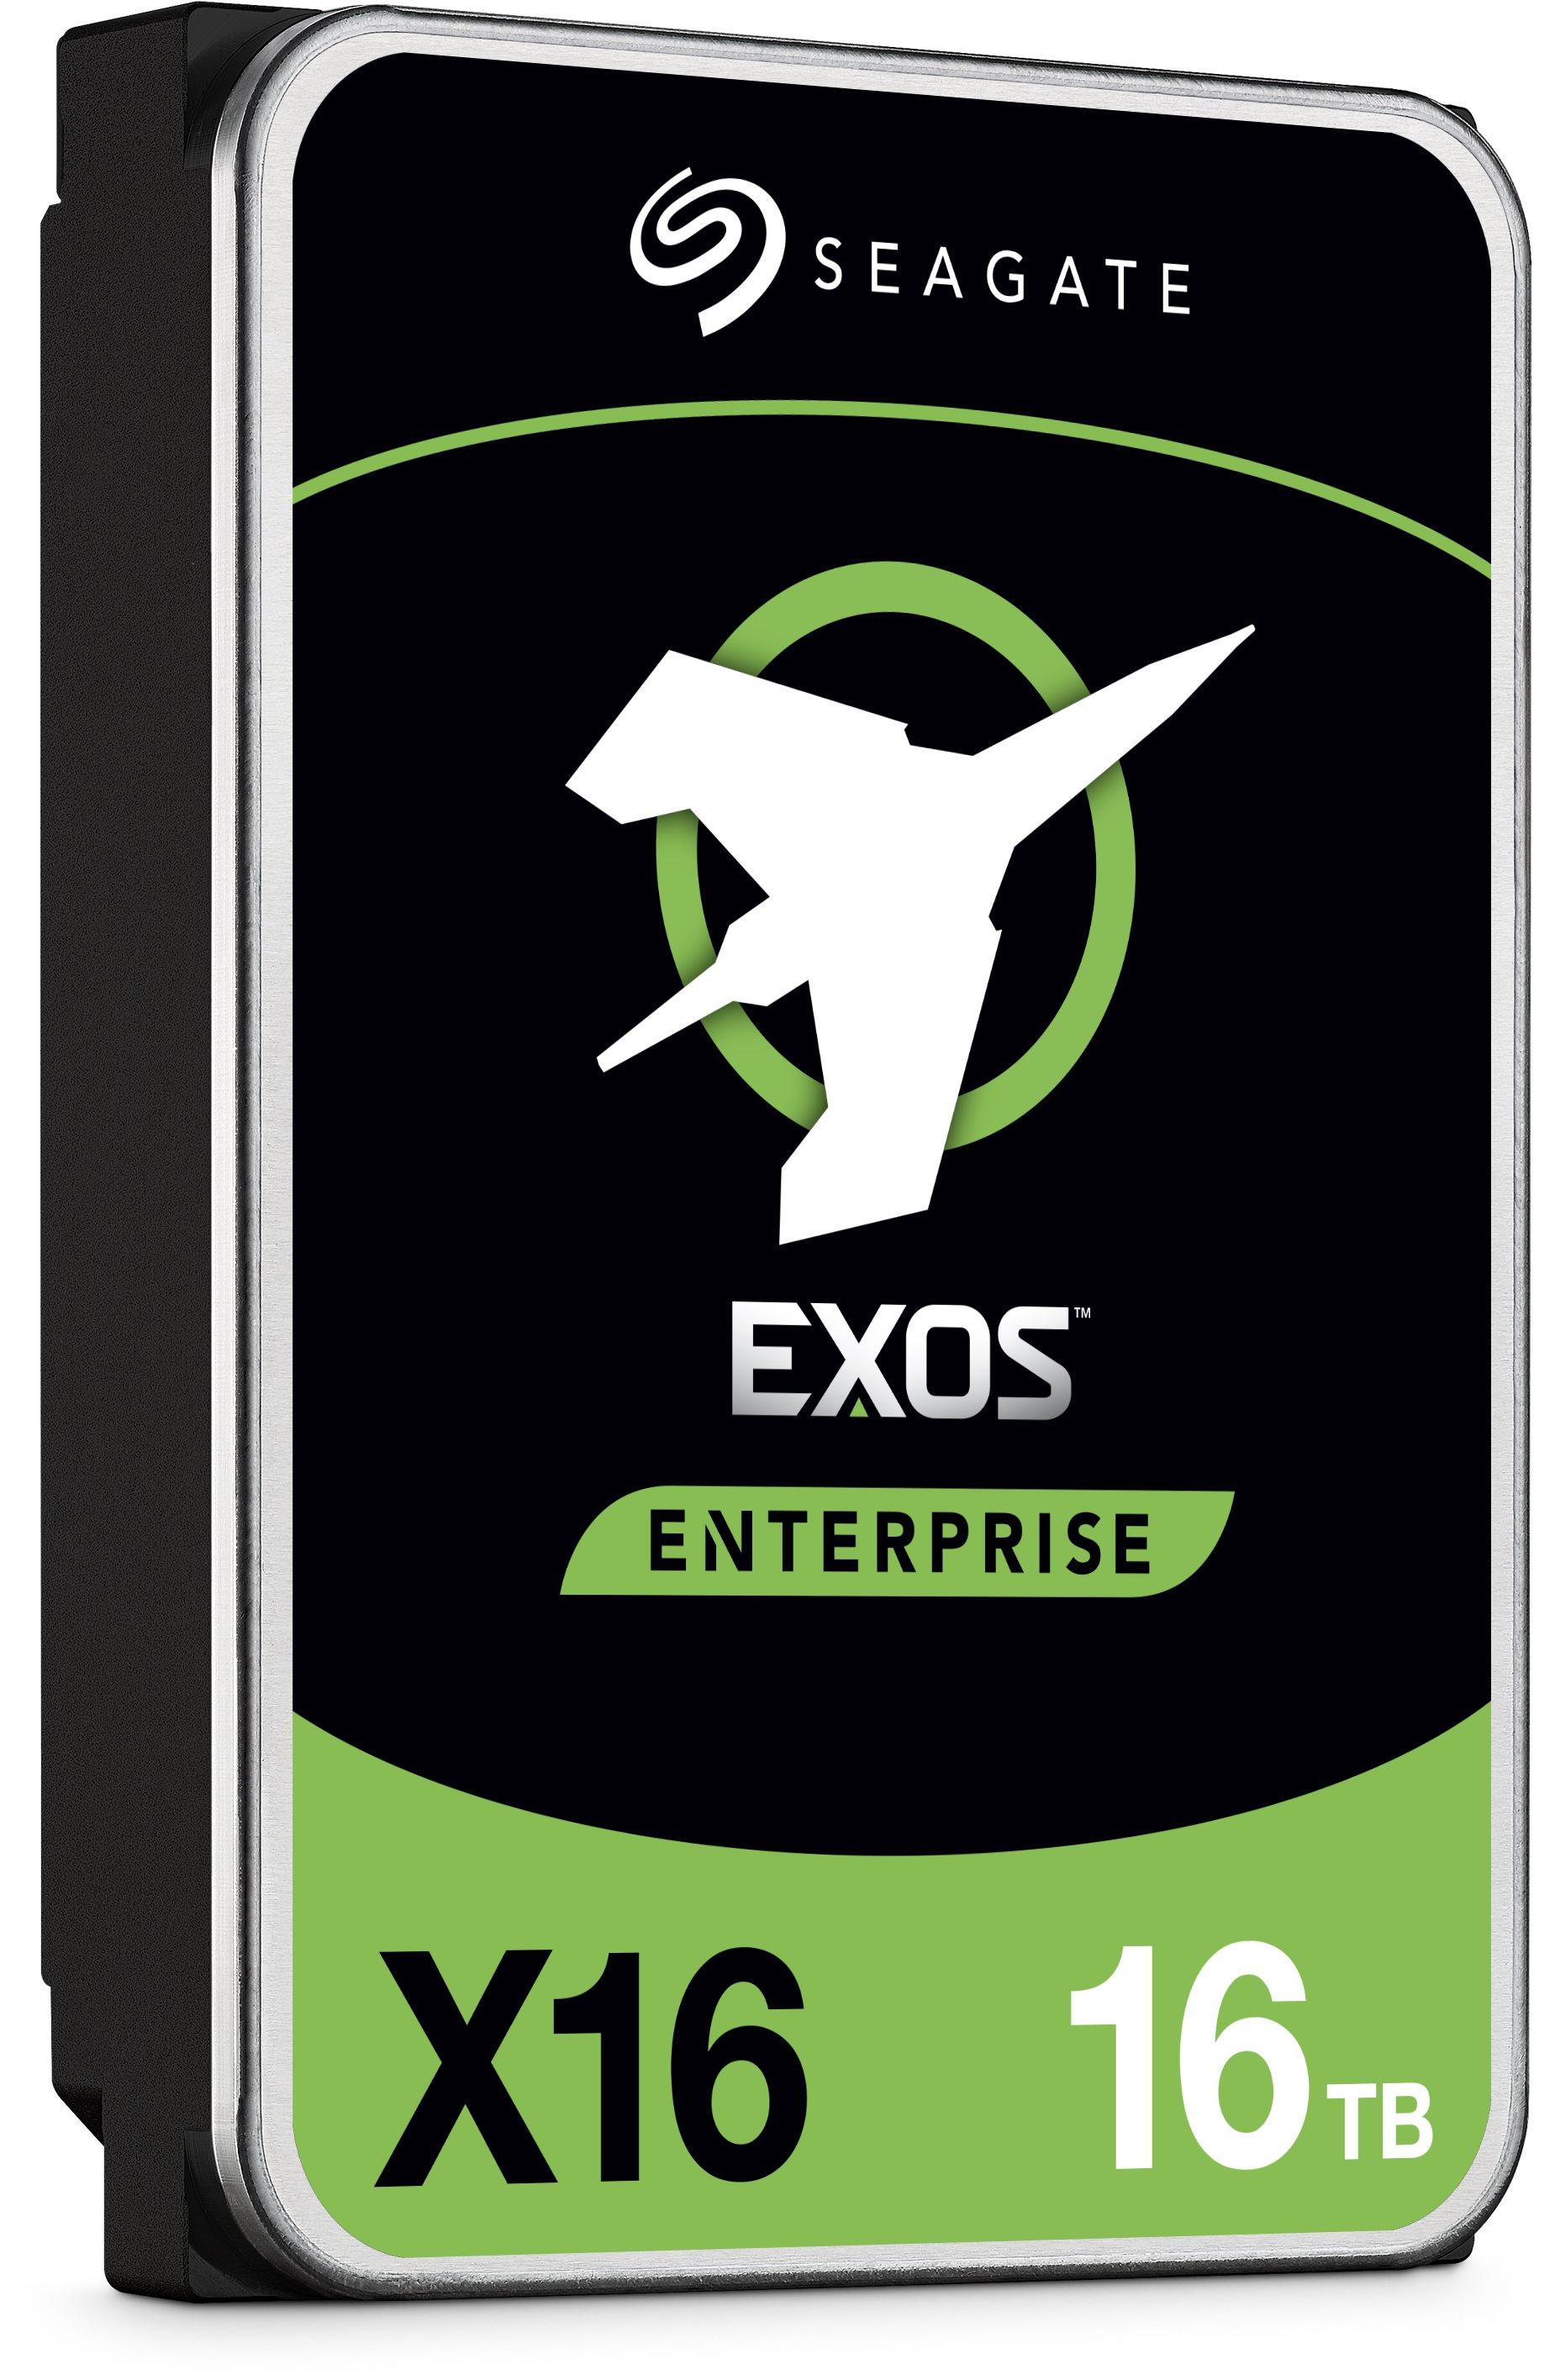 Seagate Exos X16 16TB Standard SAS